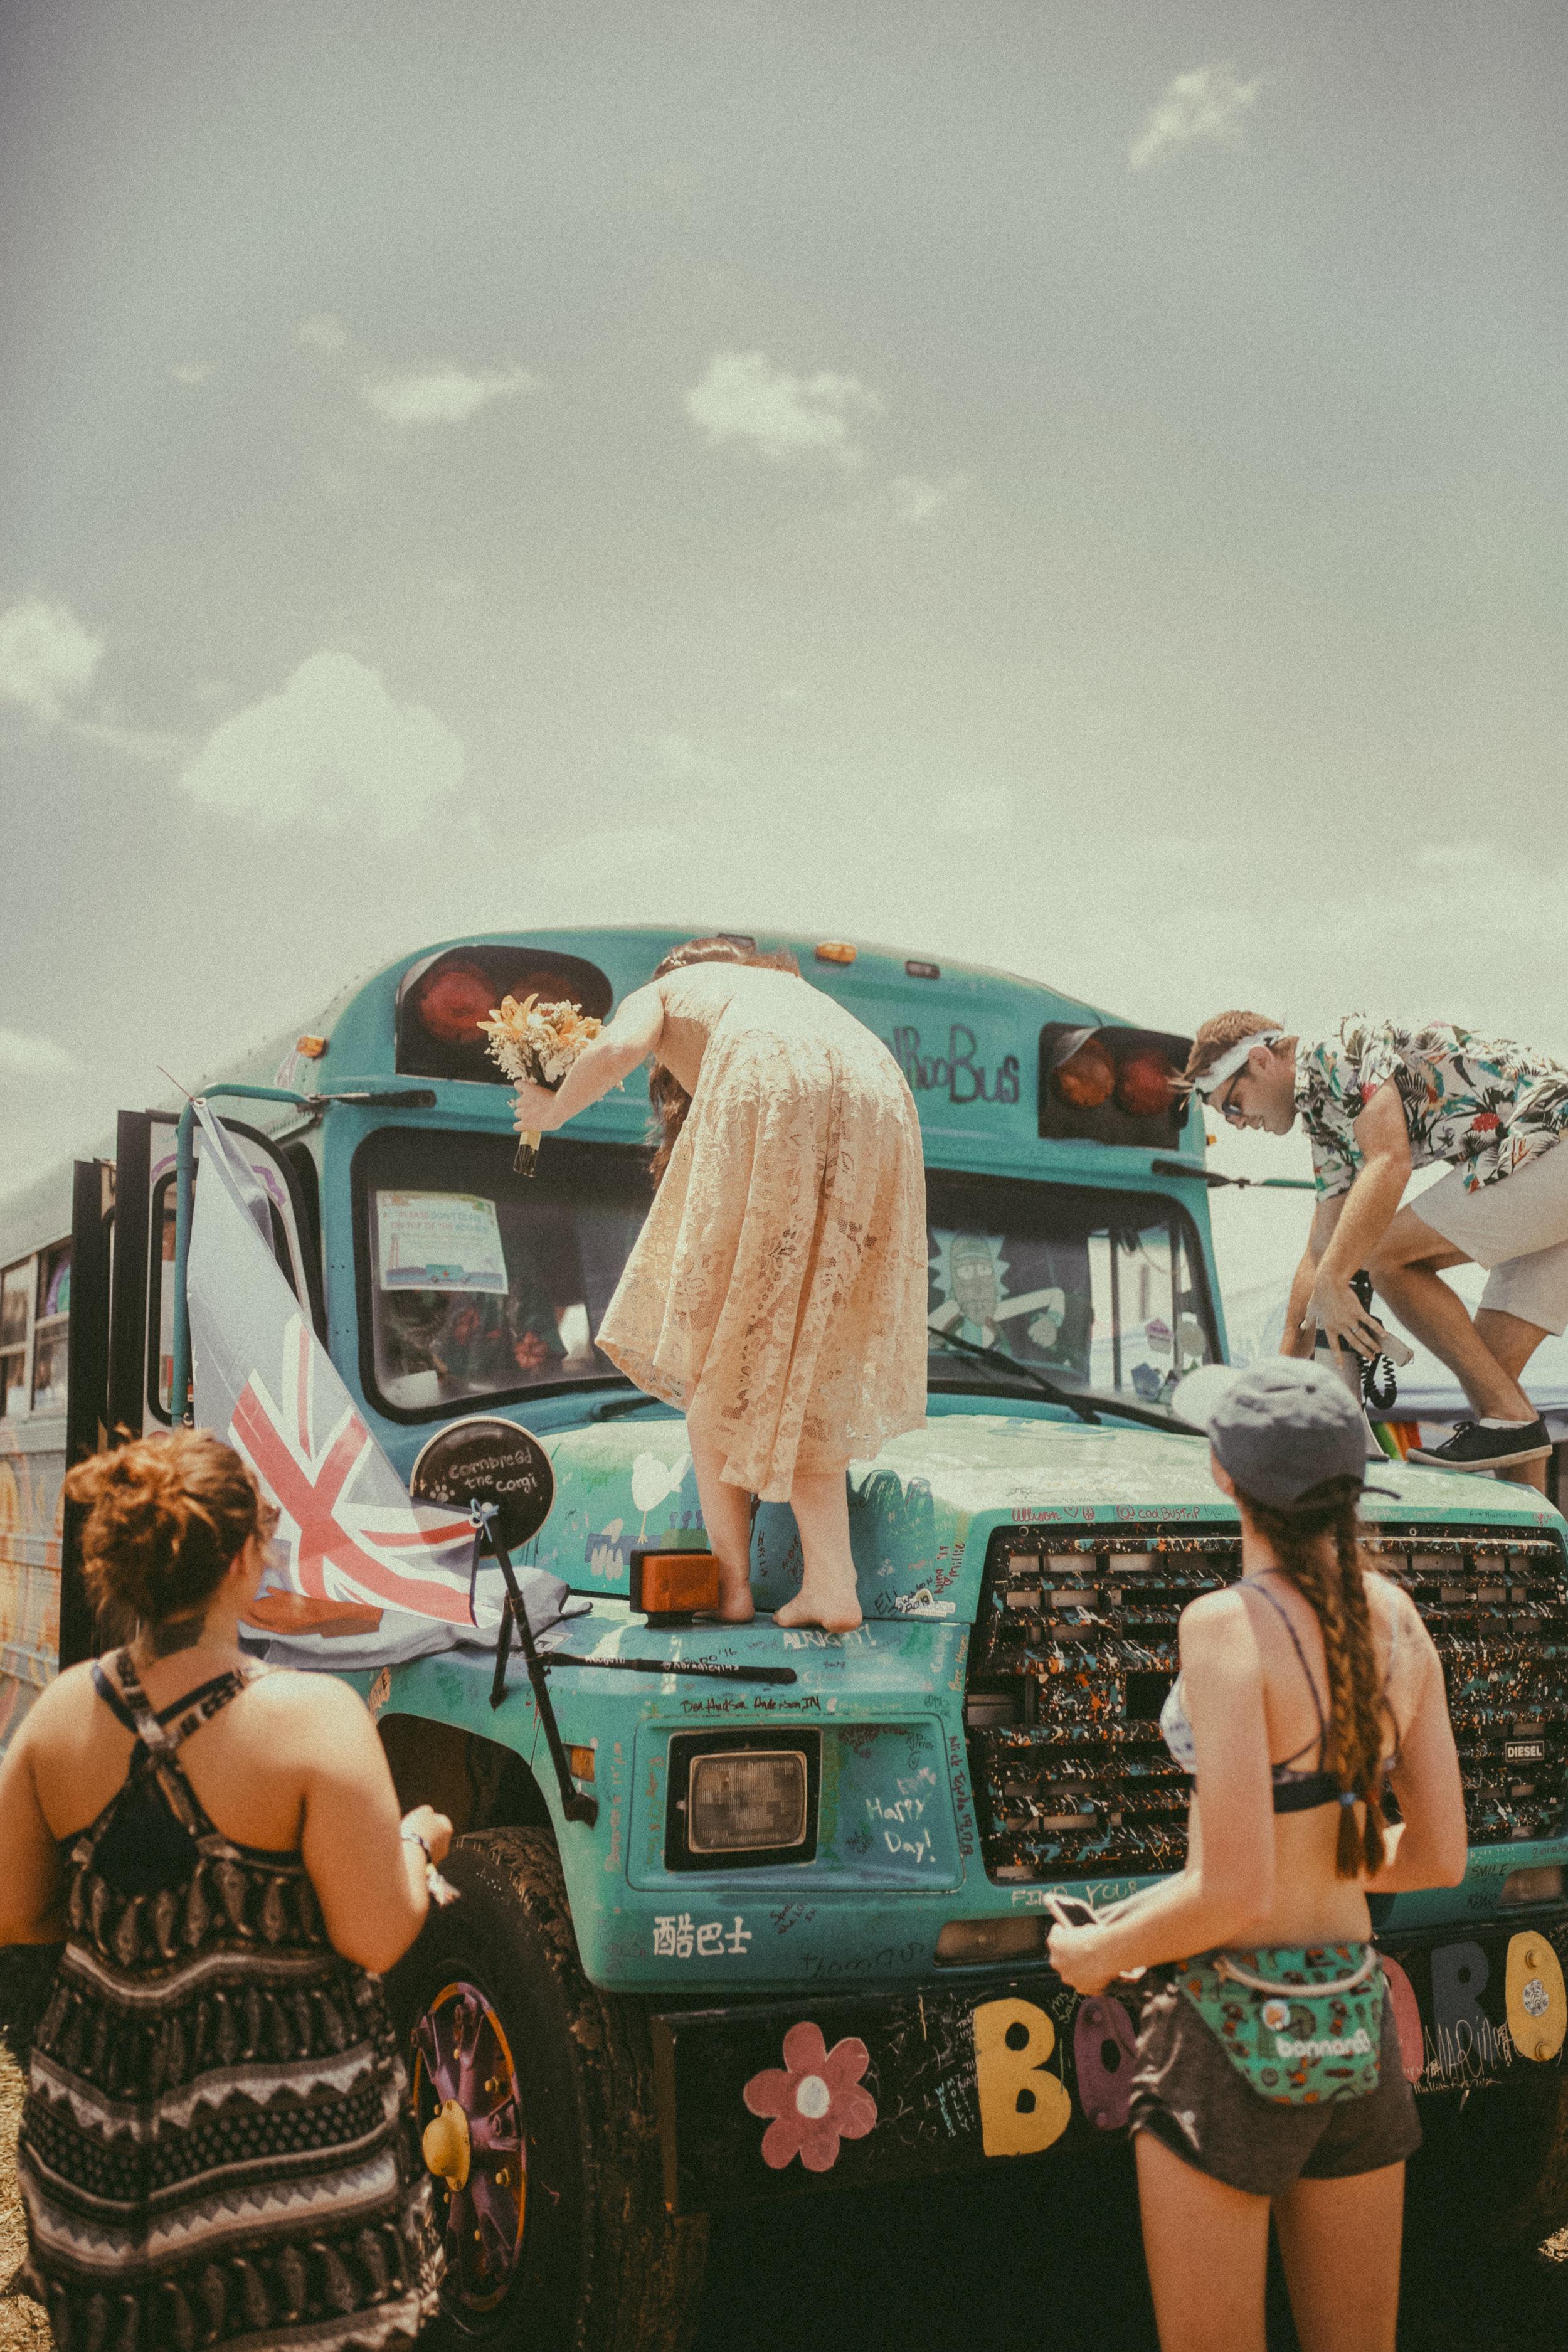 Bonnaroo-MusicFestivalWedding-Brittany&Kevin-10.jpg